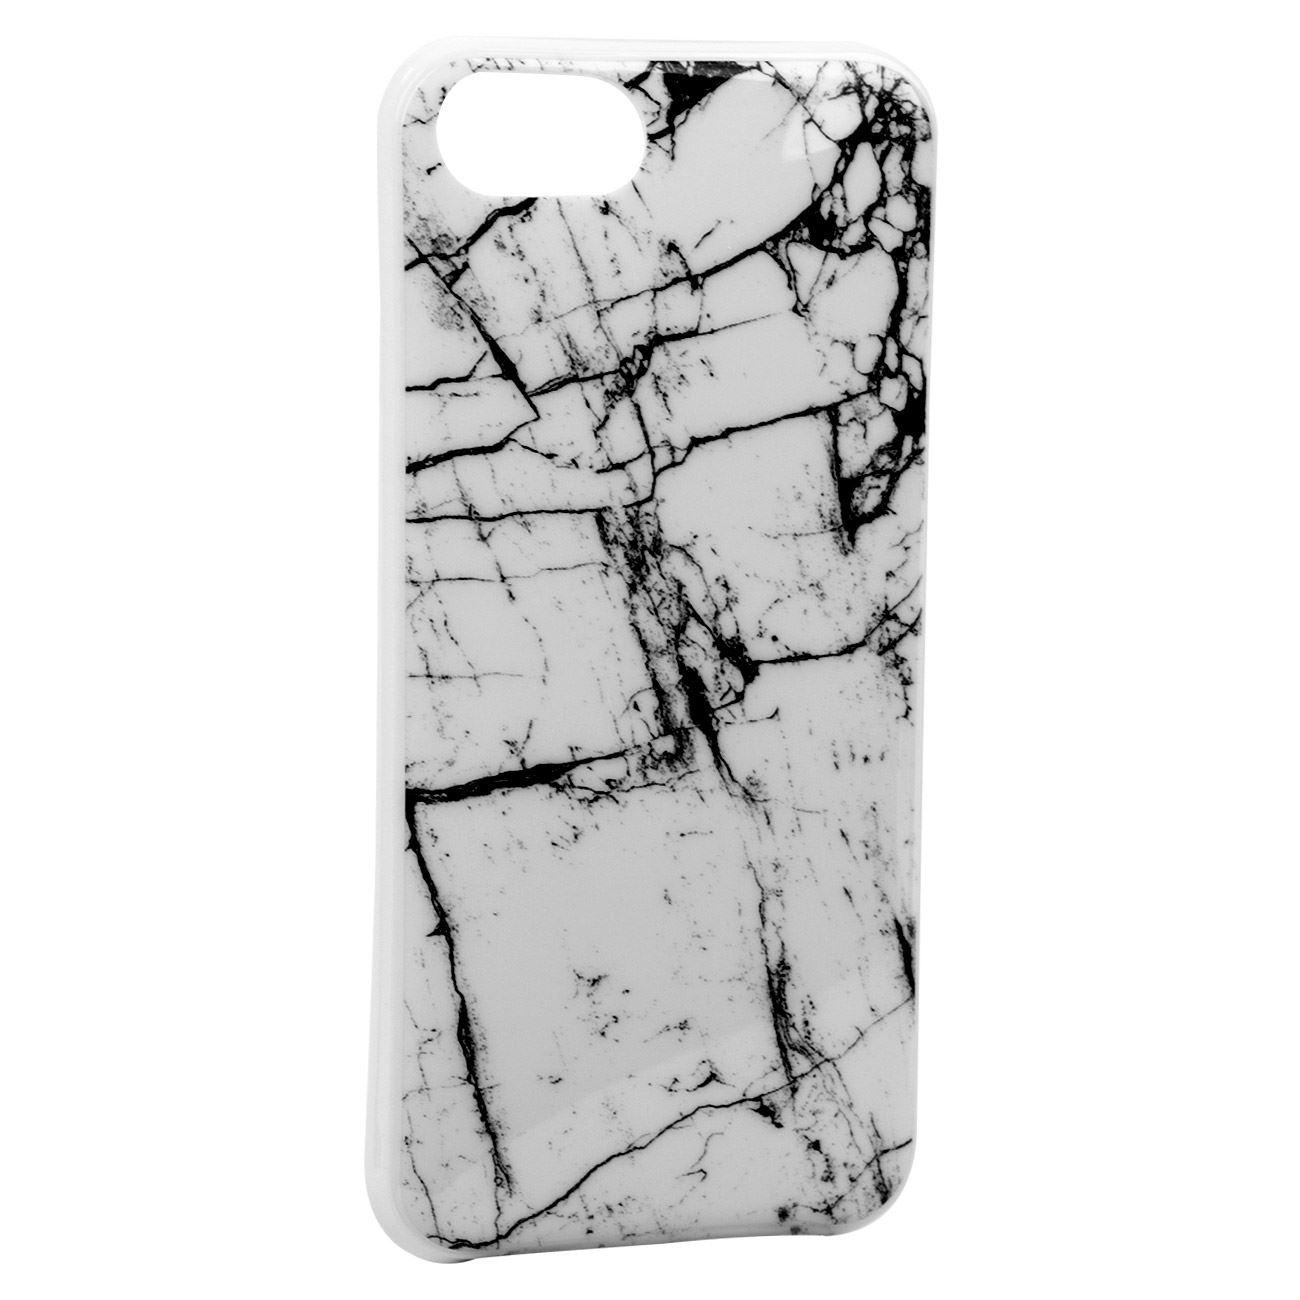 Προστατευτική Θήκη iPhone Marble - I-JMB   Θήκες IPhone 6 6S 7 8  e14a4acfa17